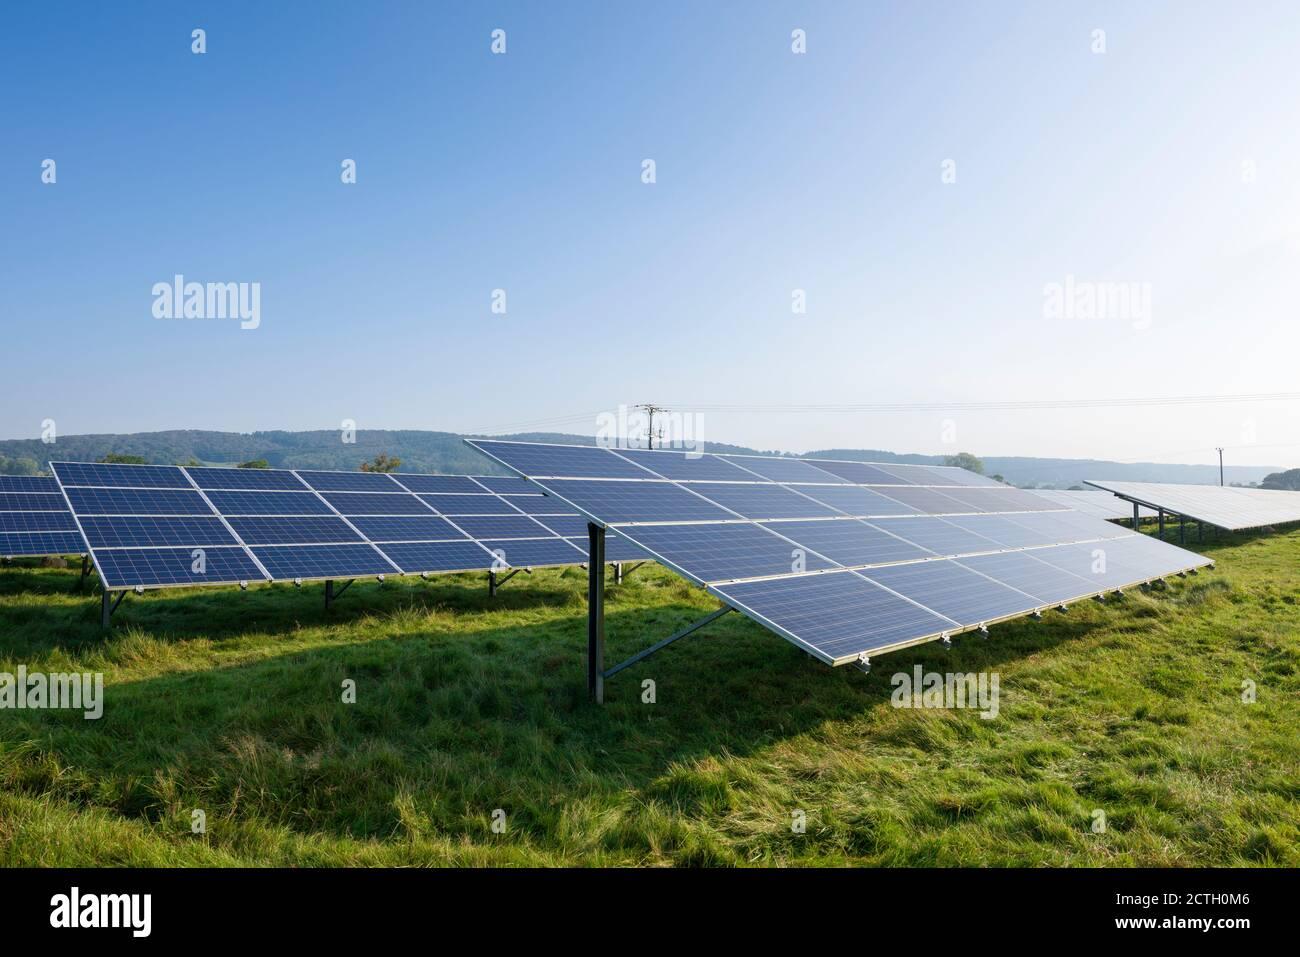 Paneles solares en un campo que genera electricidad cerca de Churchill, North Somerset, Inglaterra. Foto de stock